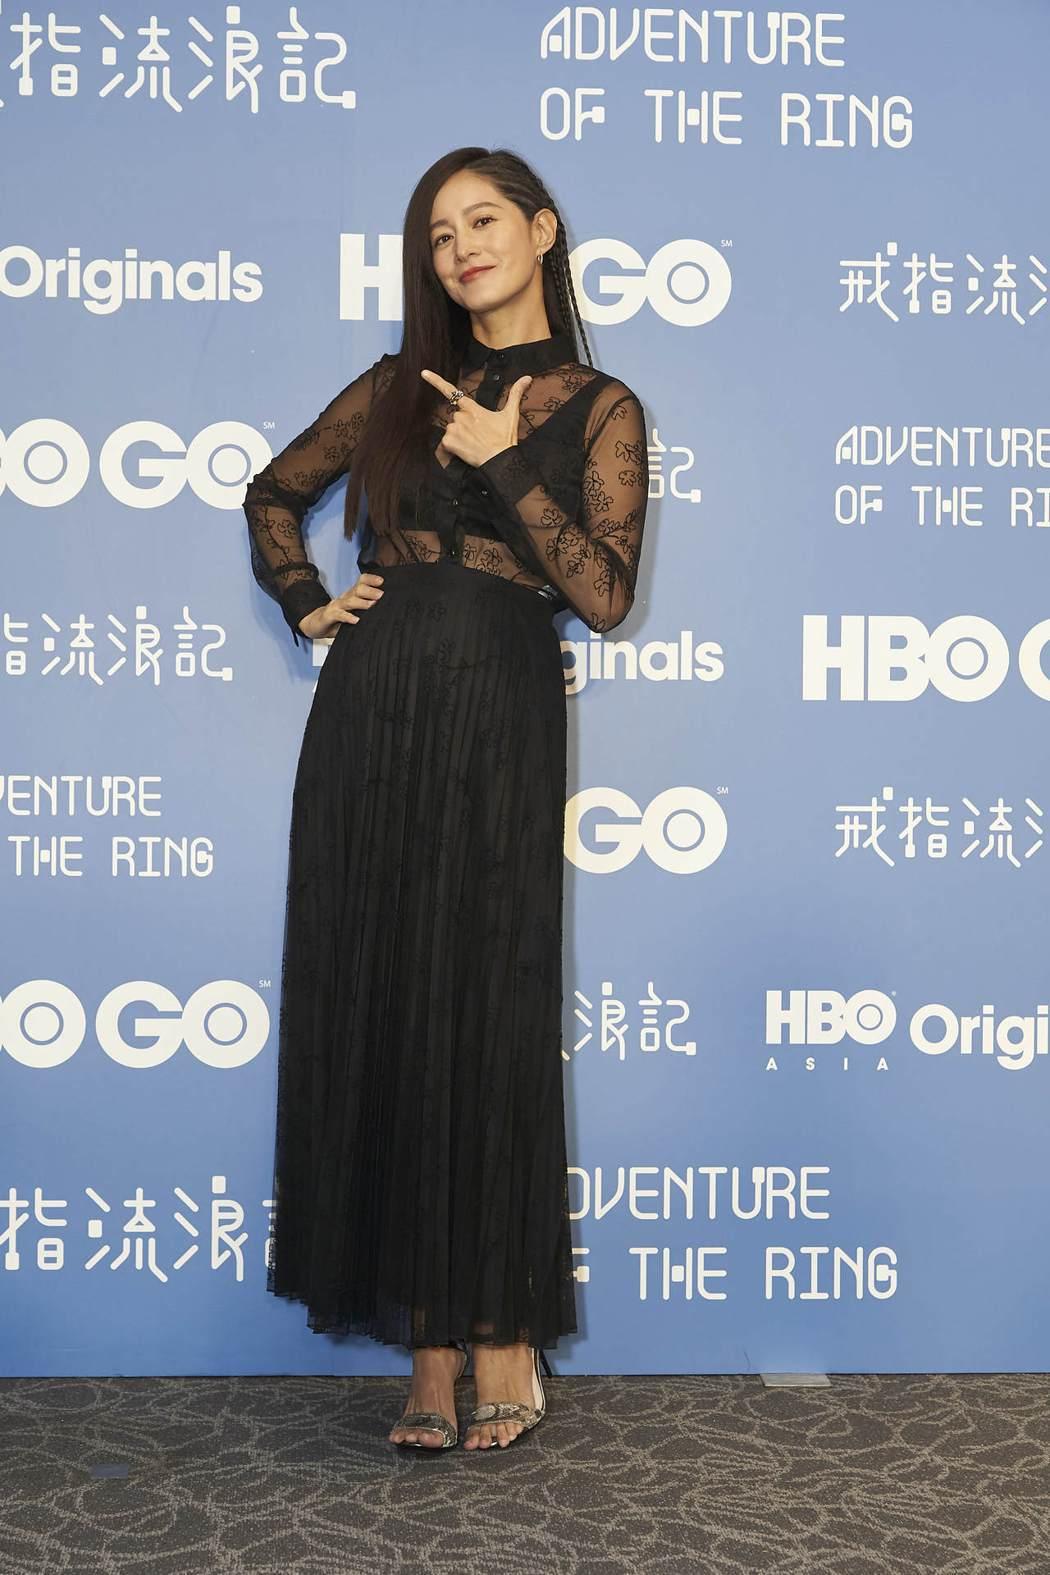 Janet謝怡芬在「戒指流浪記」中飾演愛情專家,笑談懷第二胎近況。圖/HBO A